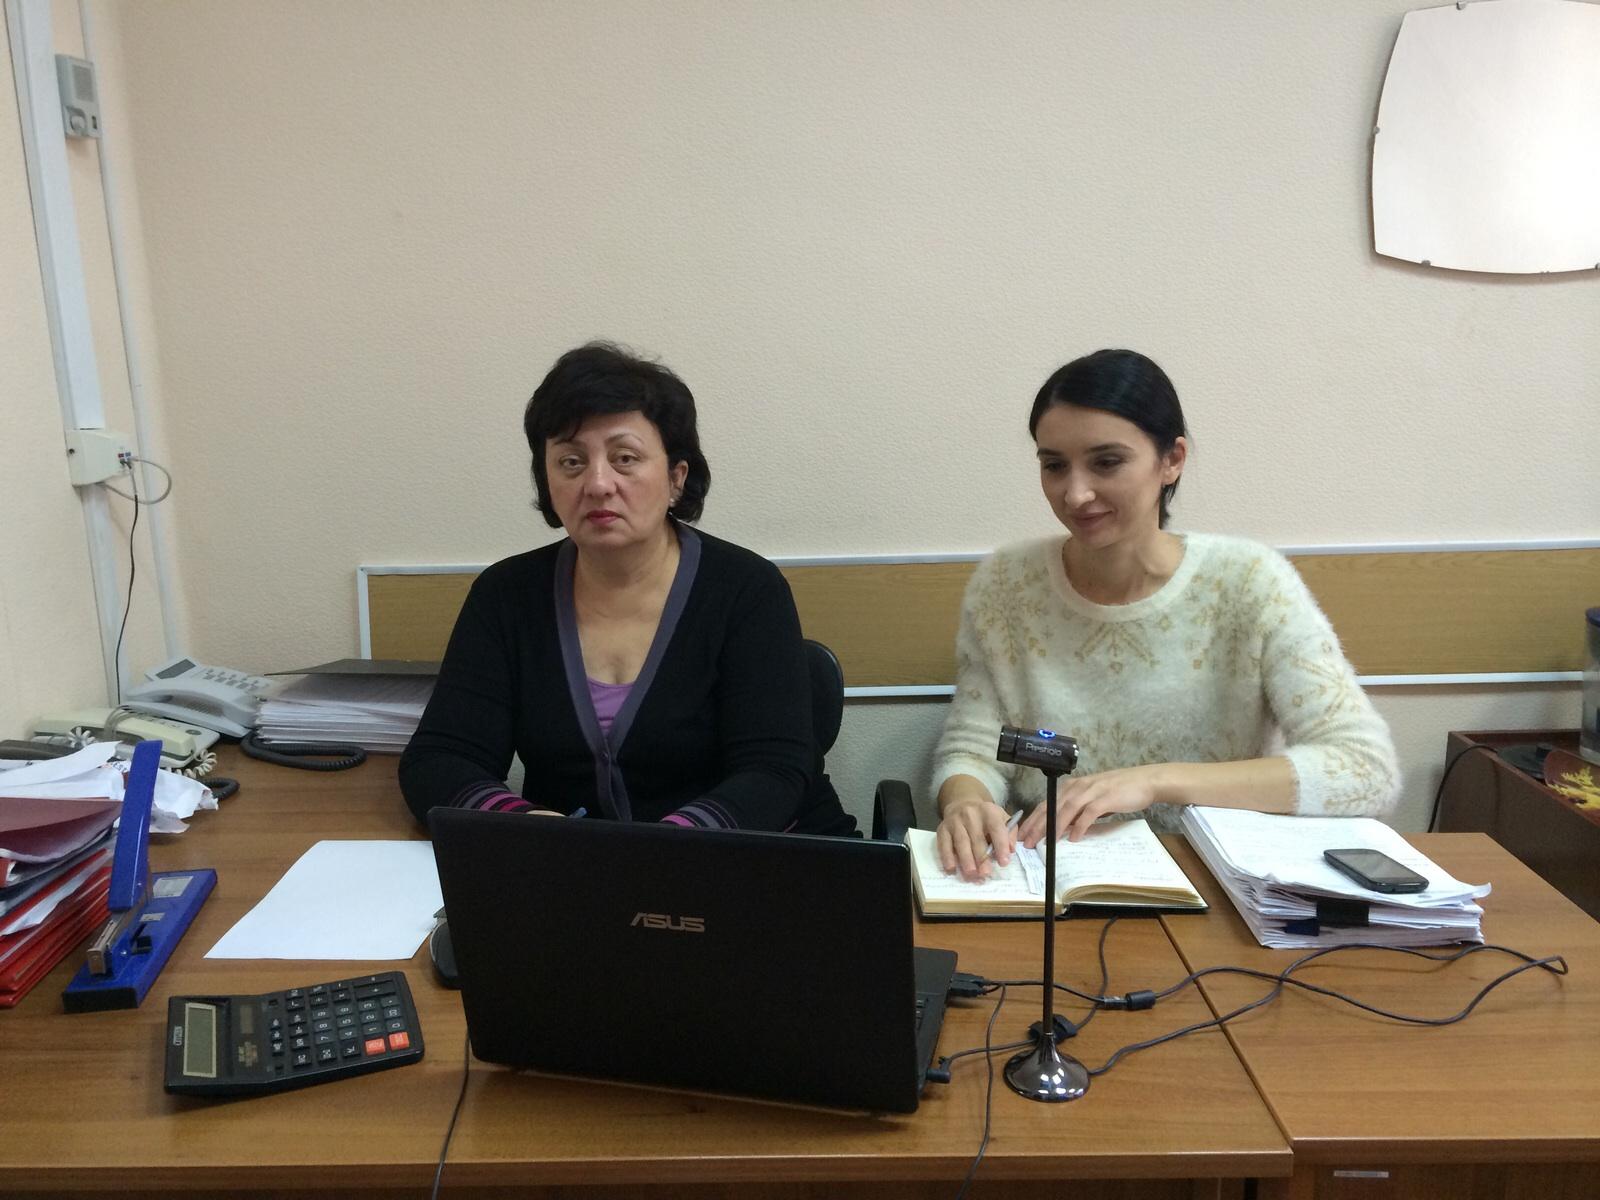 Вчера, 20 марта, на всероссийской видеоконференции обсуждались вопросы согласования дорожных карт развития